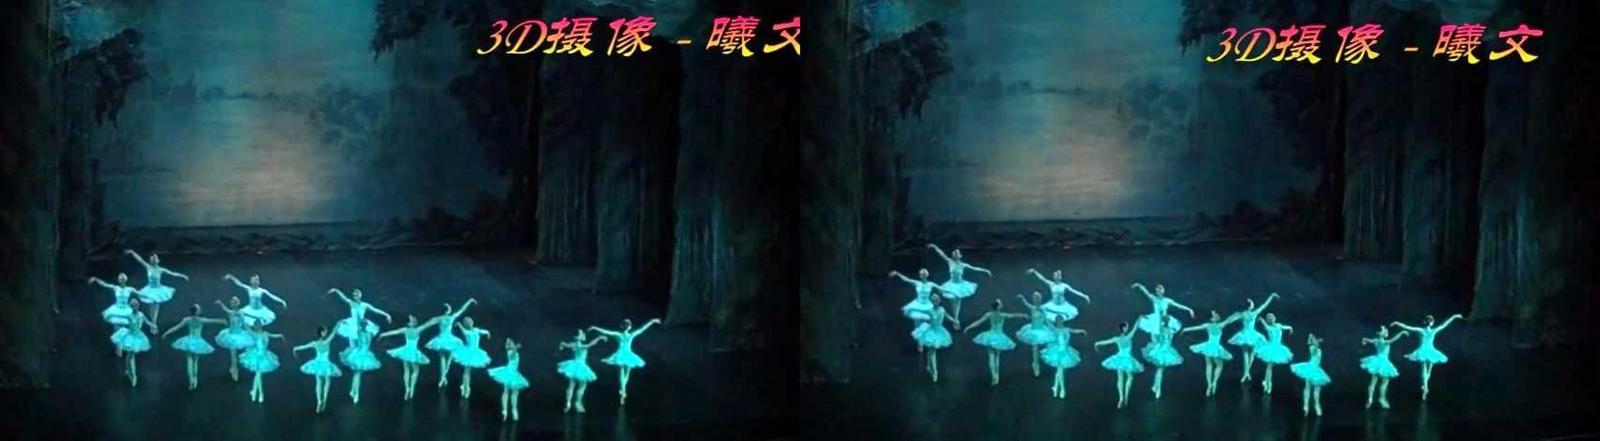 【原创】芭蕾舞剧《天鹅湖湖》截屏4